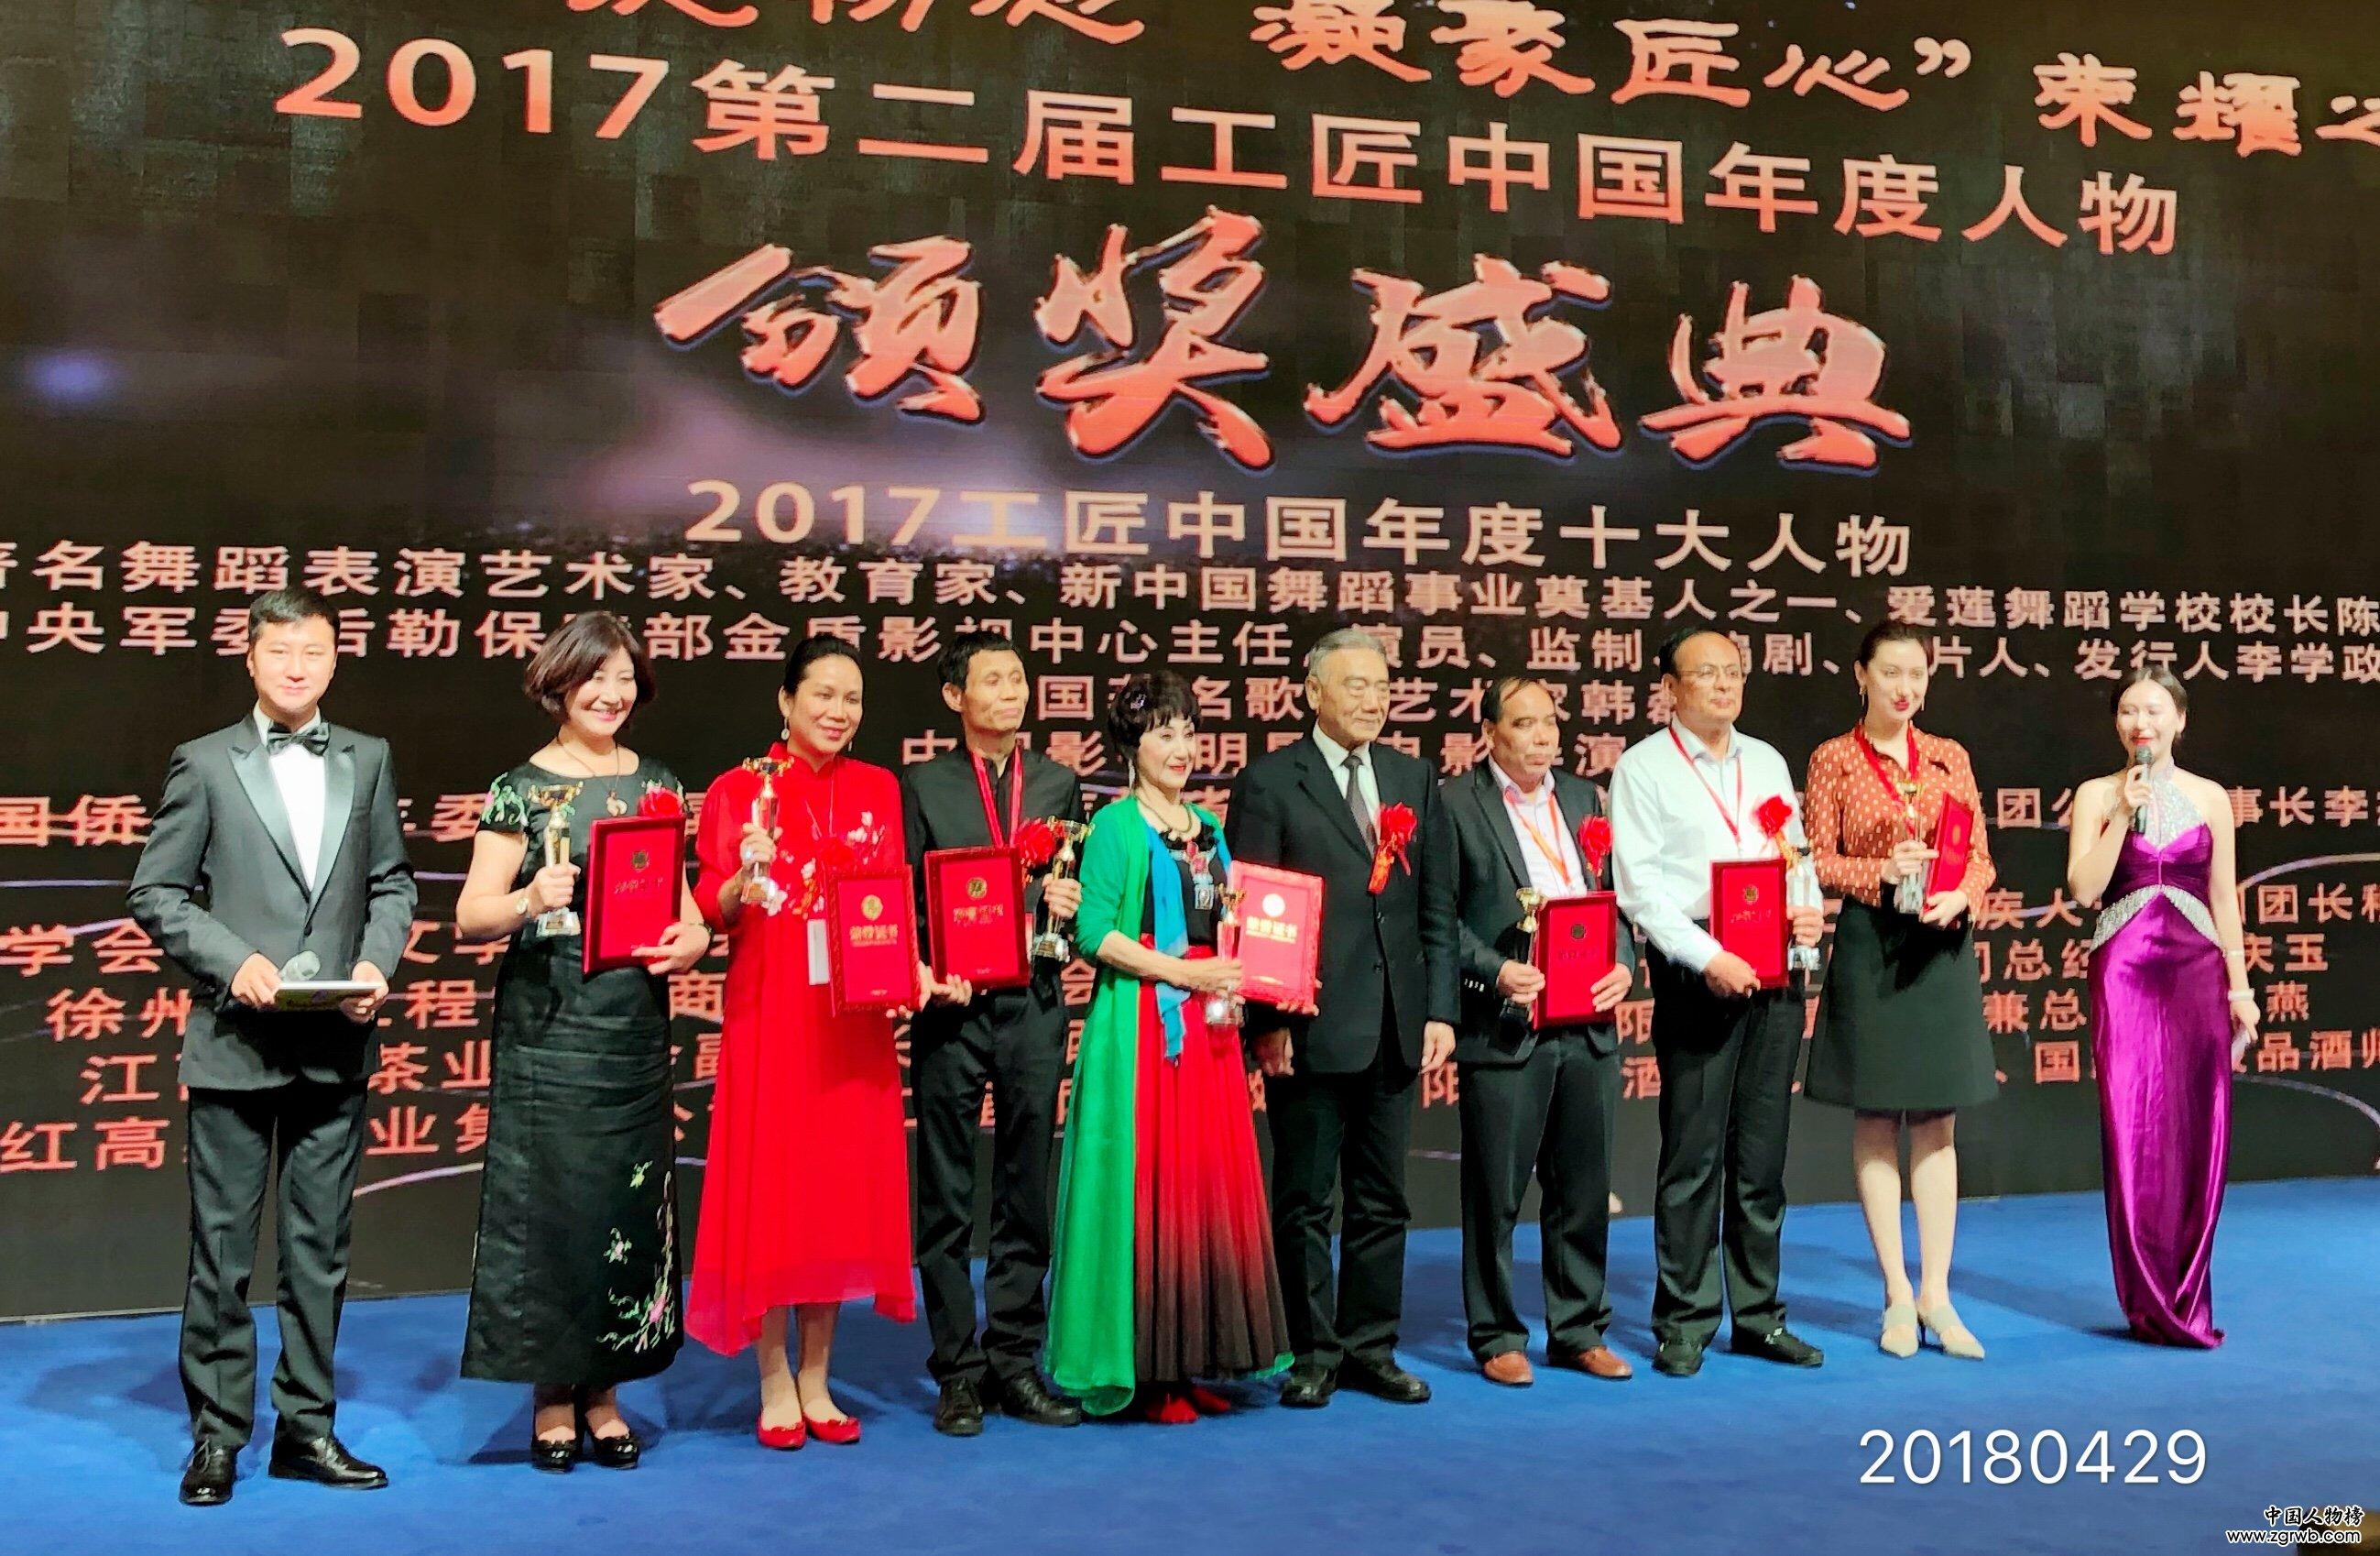 修水神茶文燕董事长应邀出席第二届工匠中国论坛并获2017工匠中国年度十大人物奖